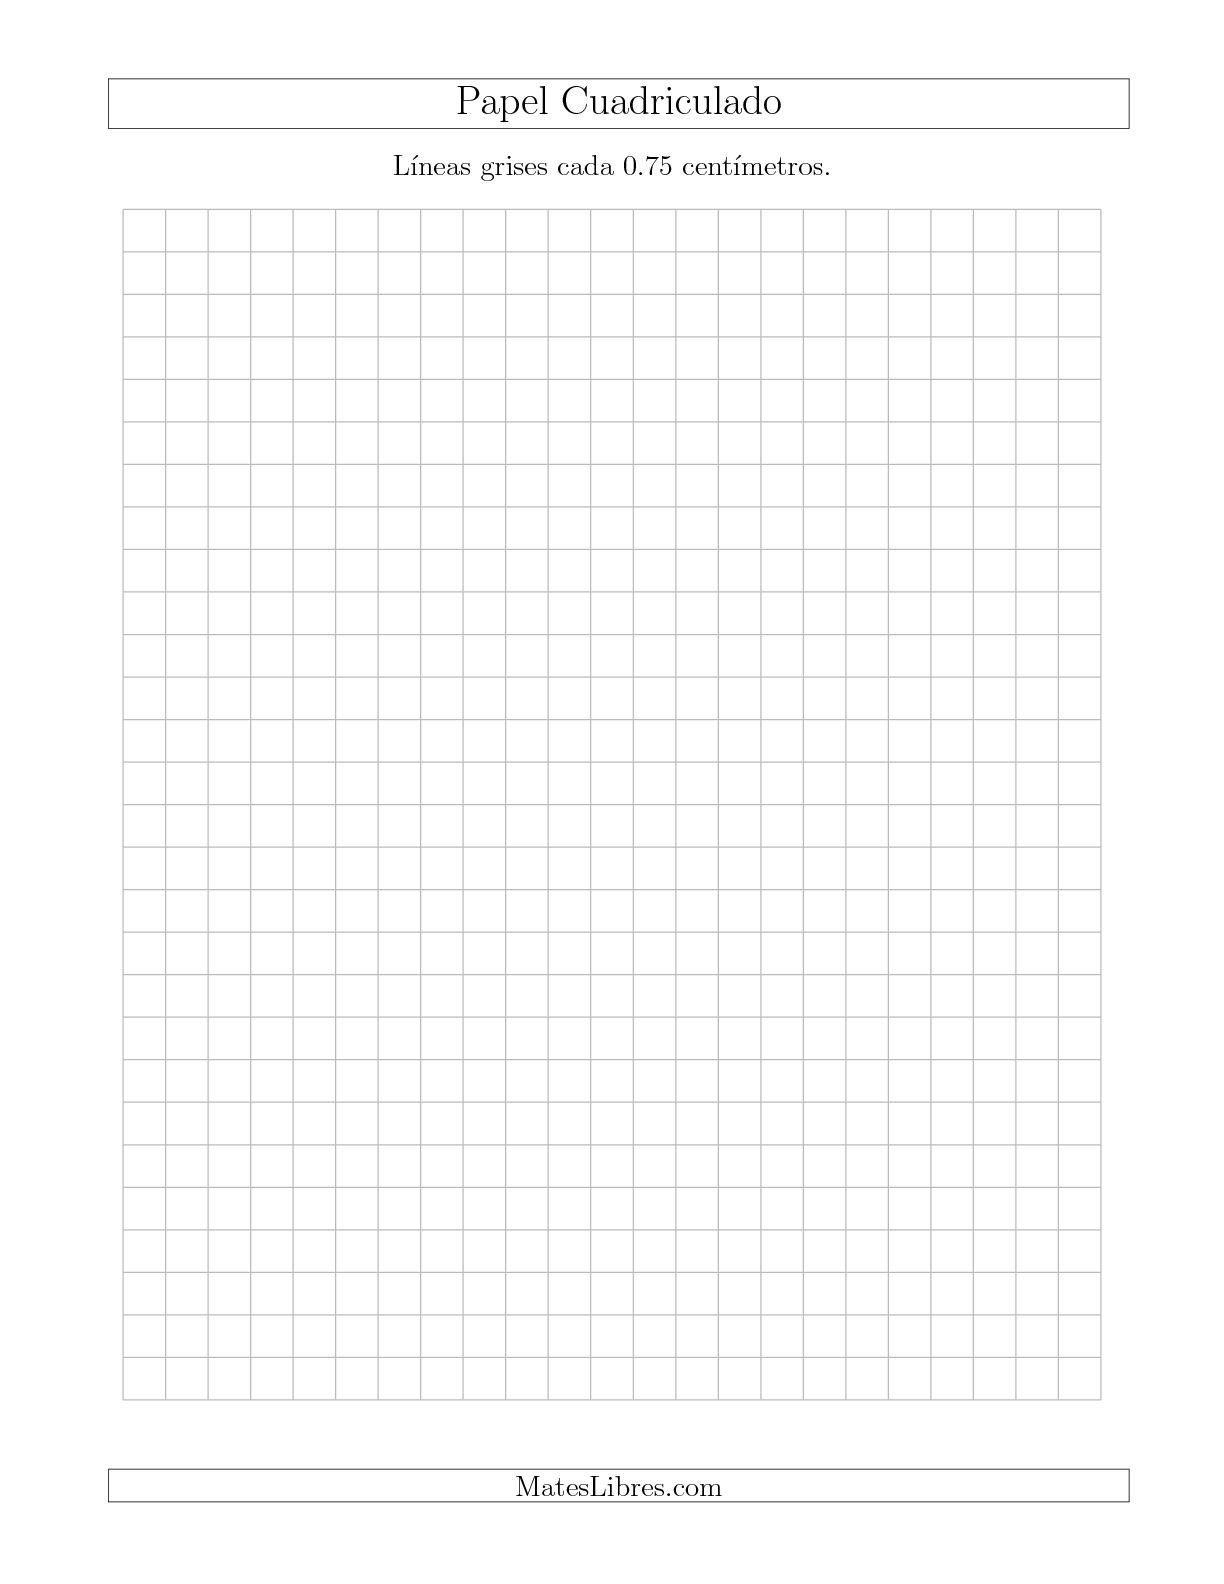 La Papel Cuadriculado de Líneas Grises cada 0.75cm, Tamaño de Papel Carta Hojas de Papel Cuadriculado